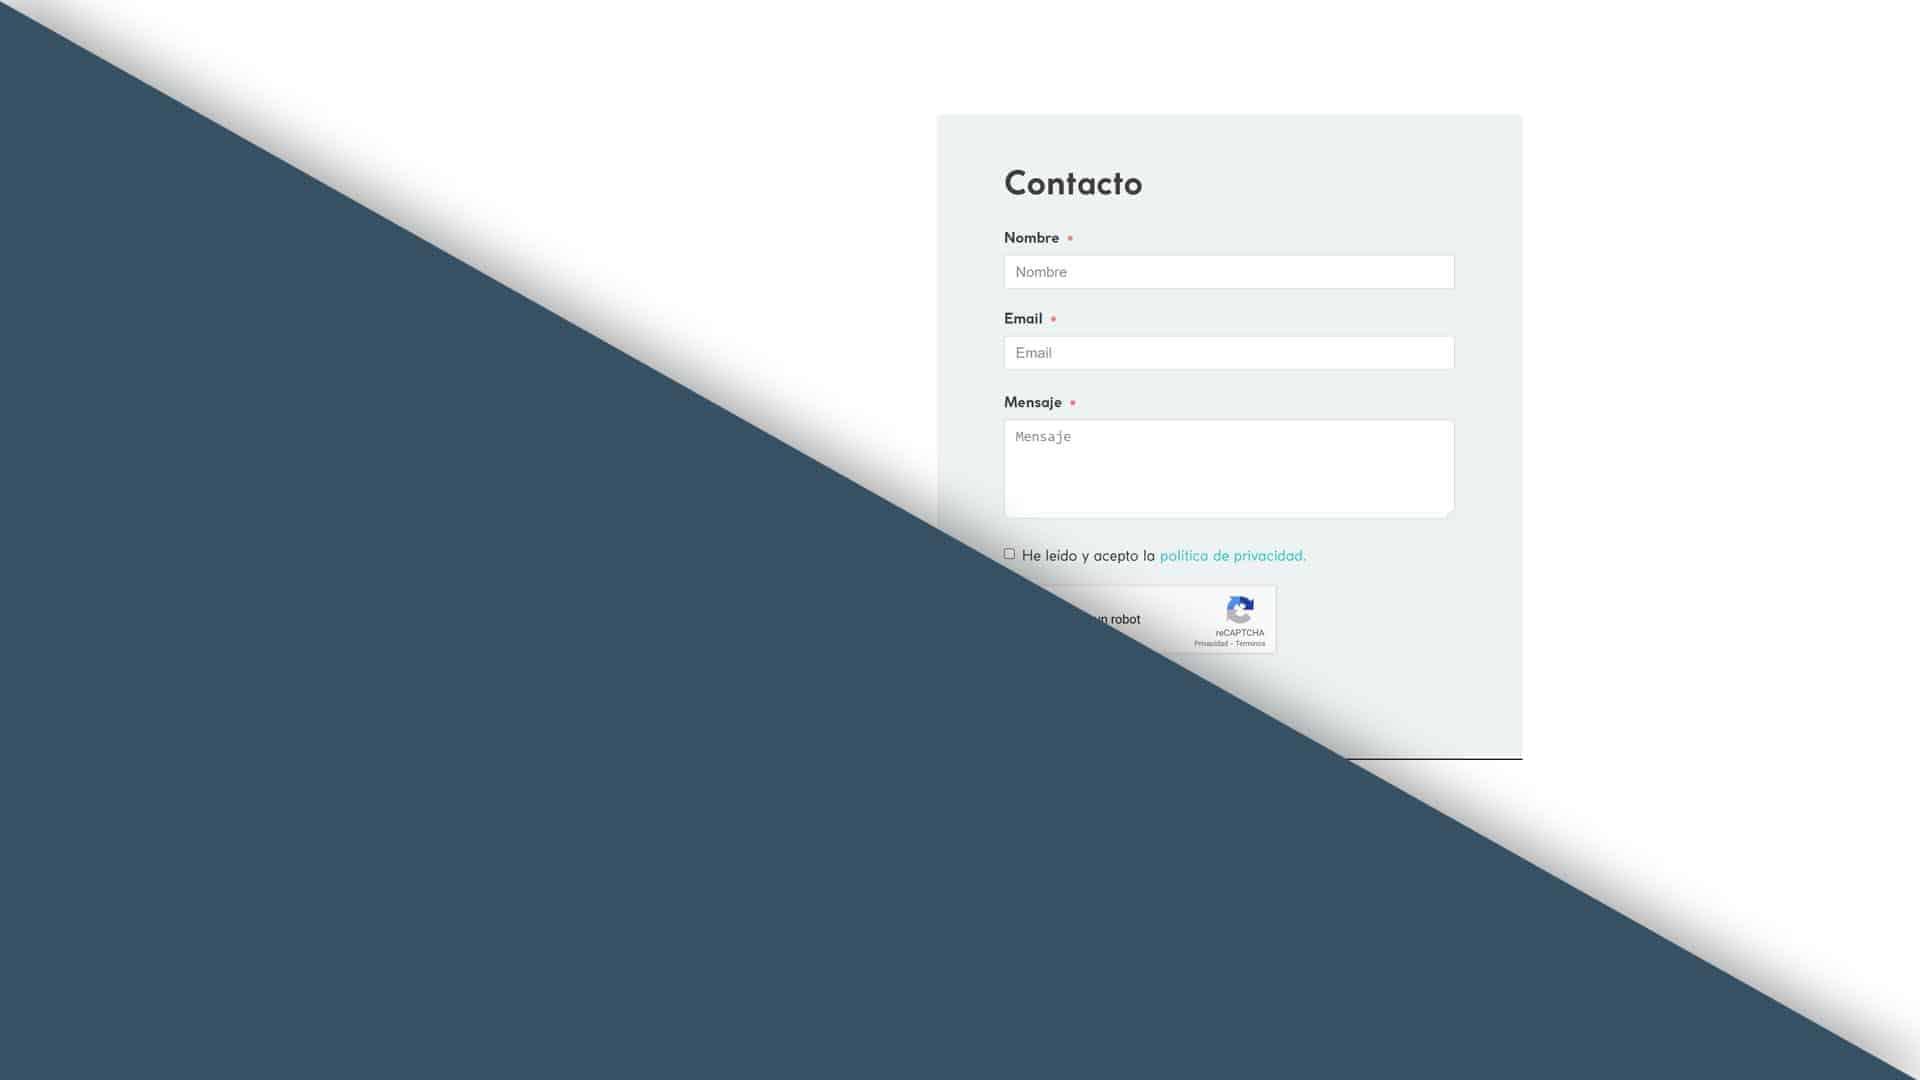 <mark>Cómo crear una página de contacto en WordPress que sea útil</mark> 1